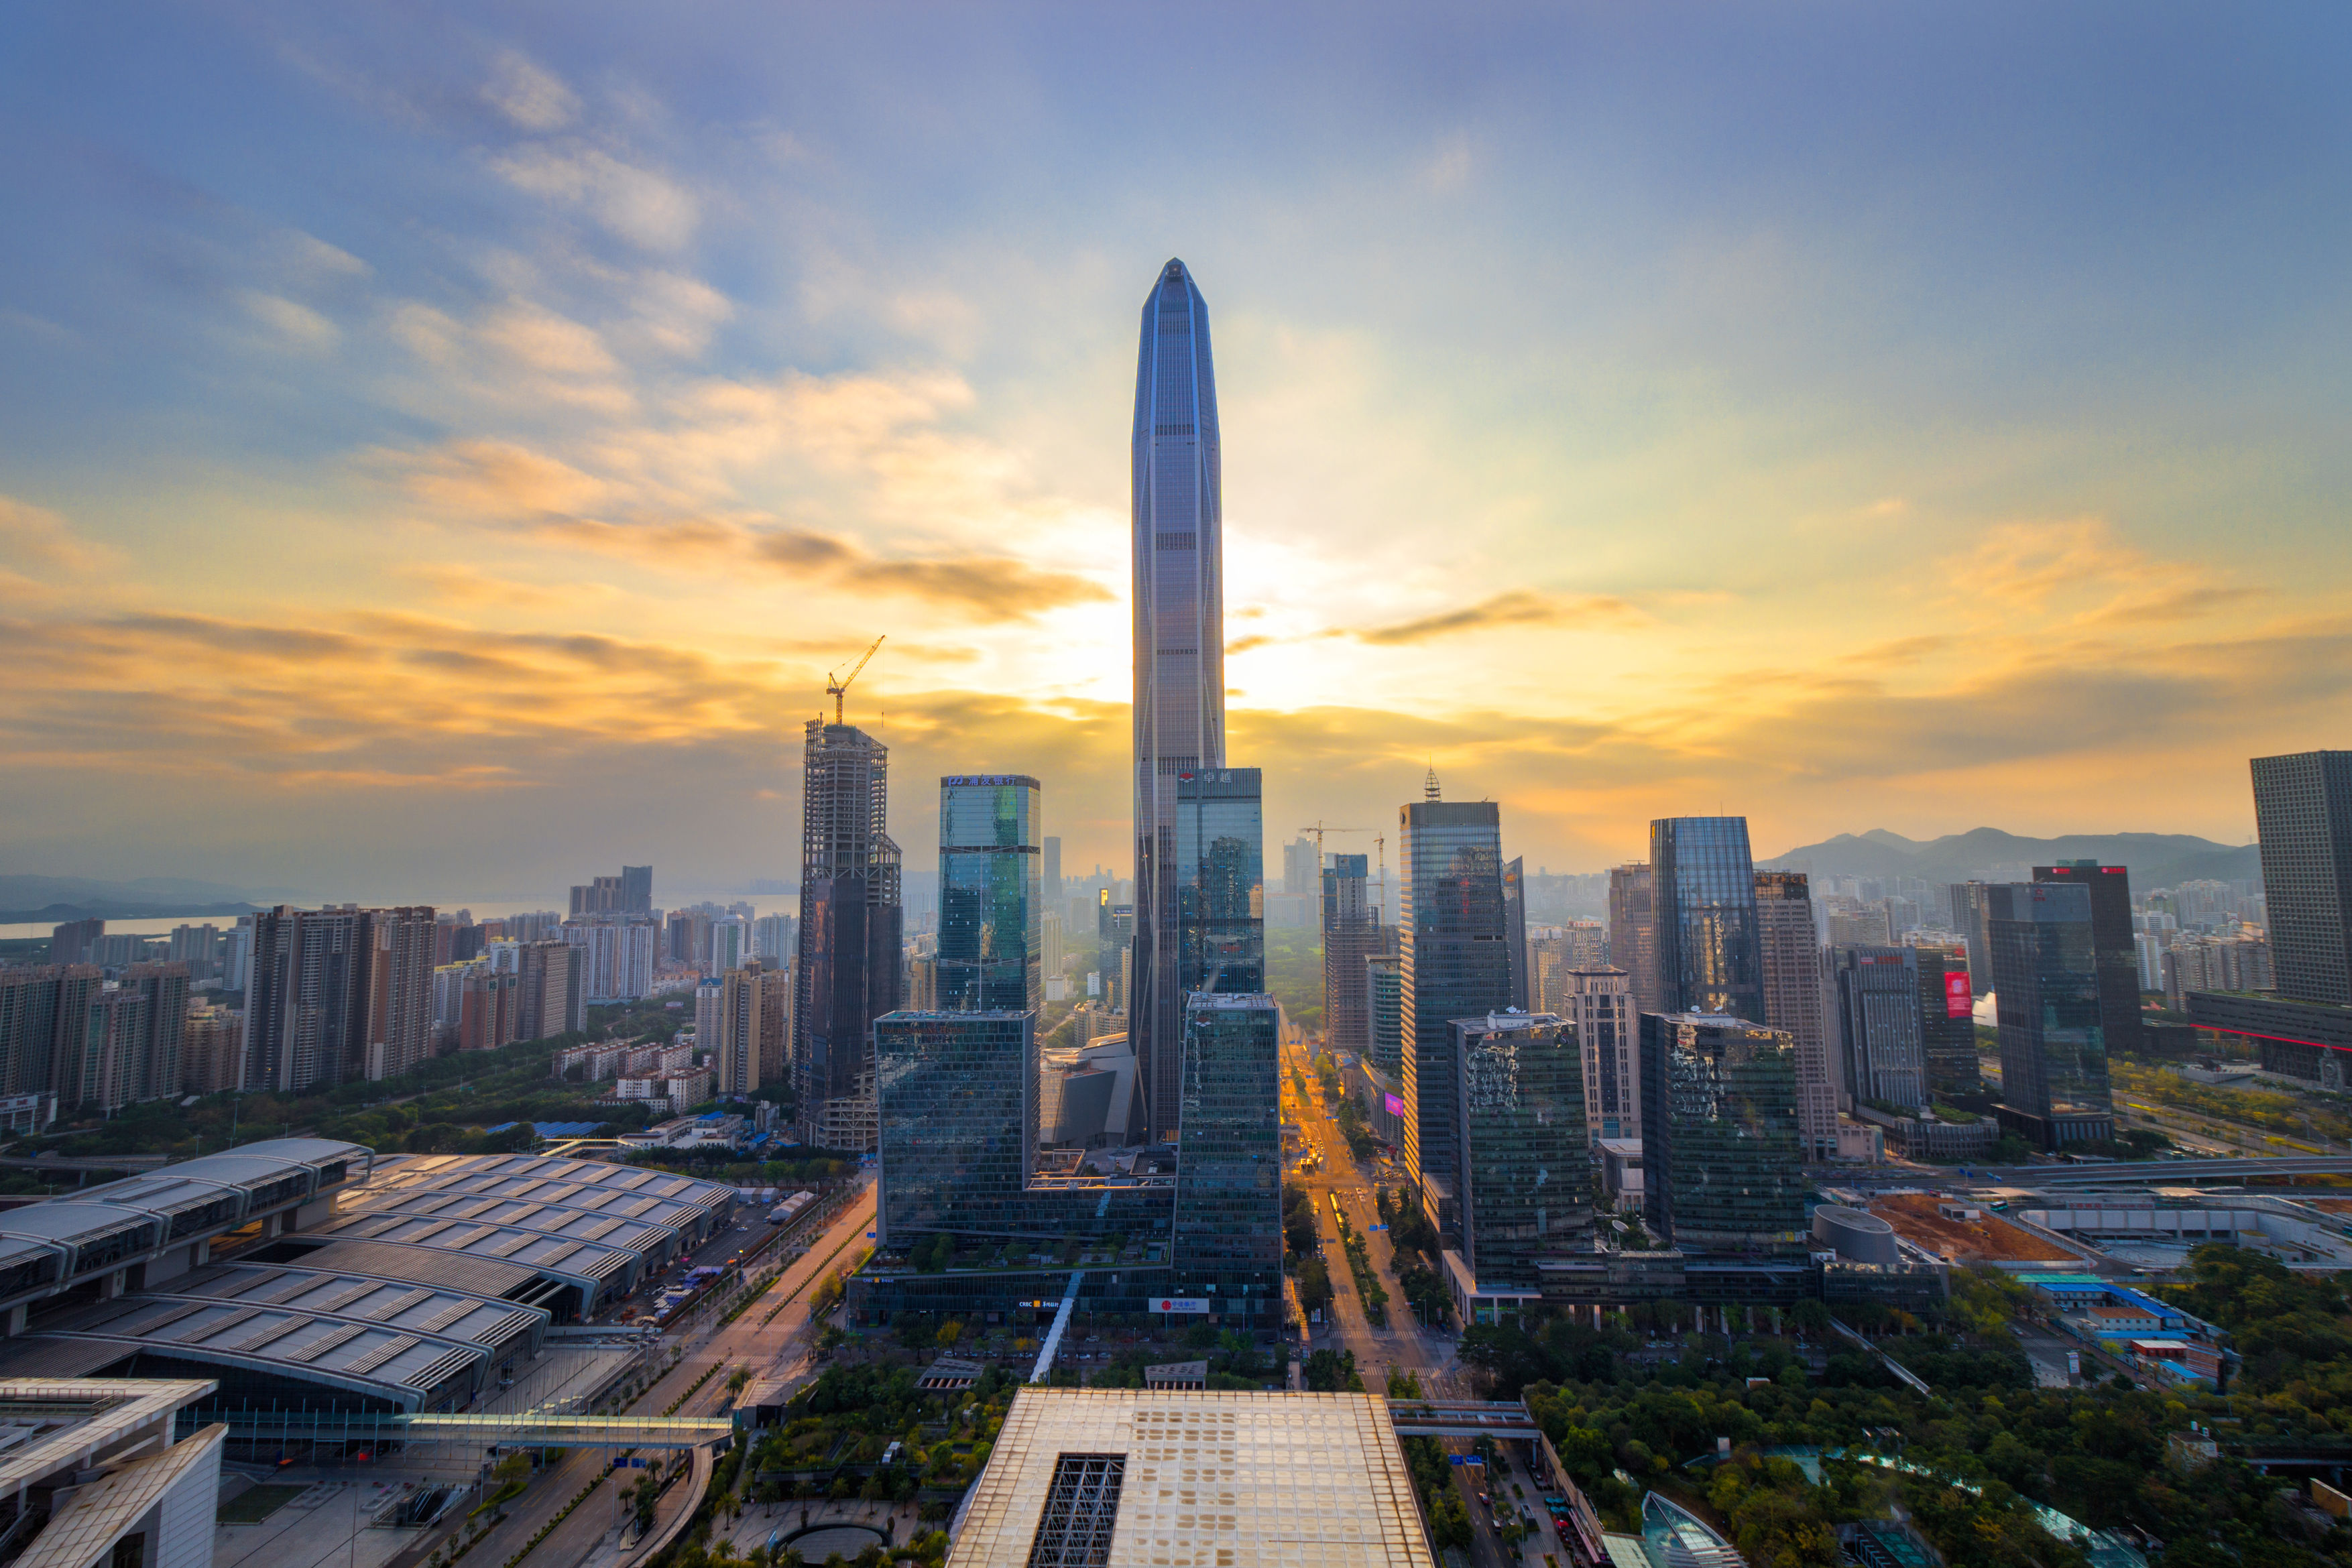 新版征信报告来袭,对楼市影响究竟有多大?